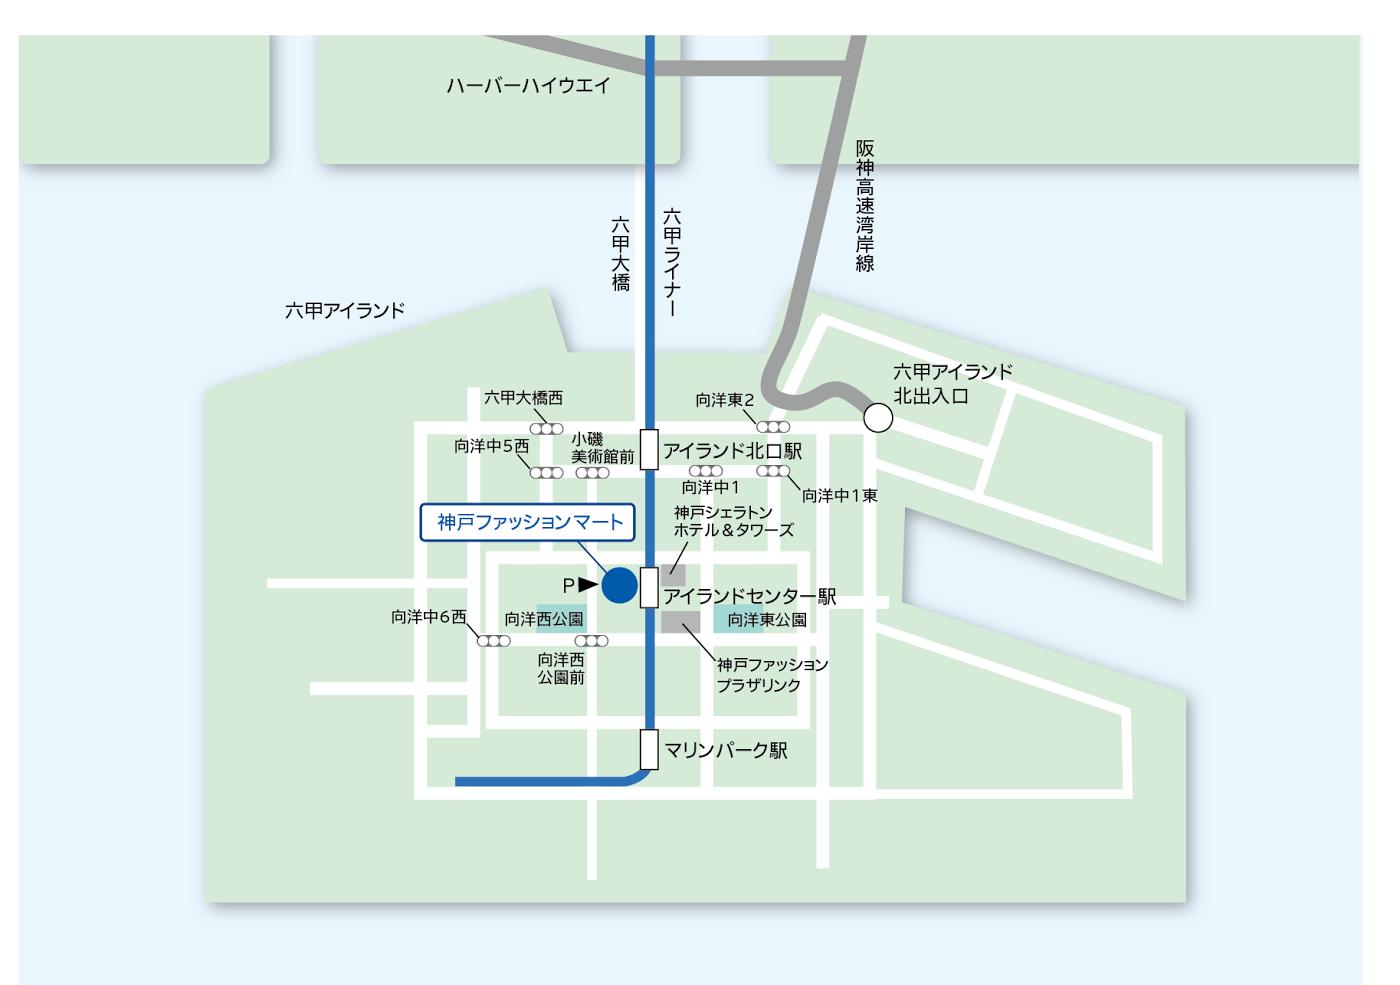 関西支局地図